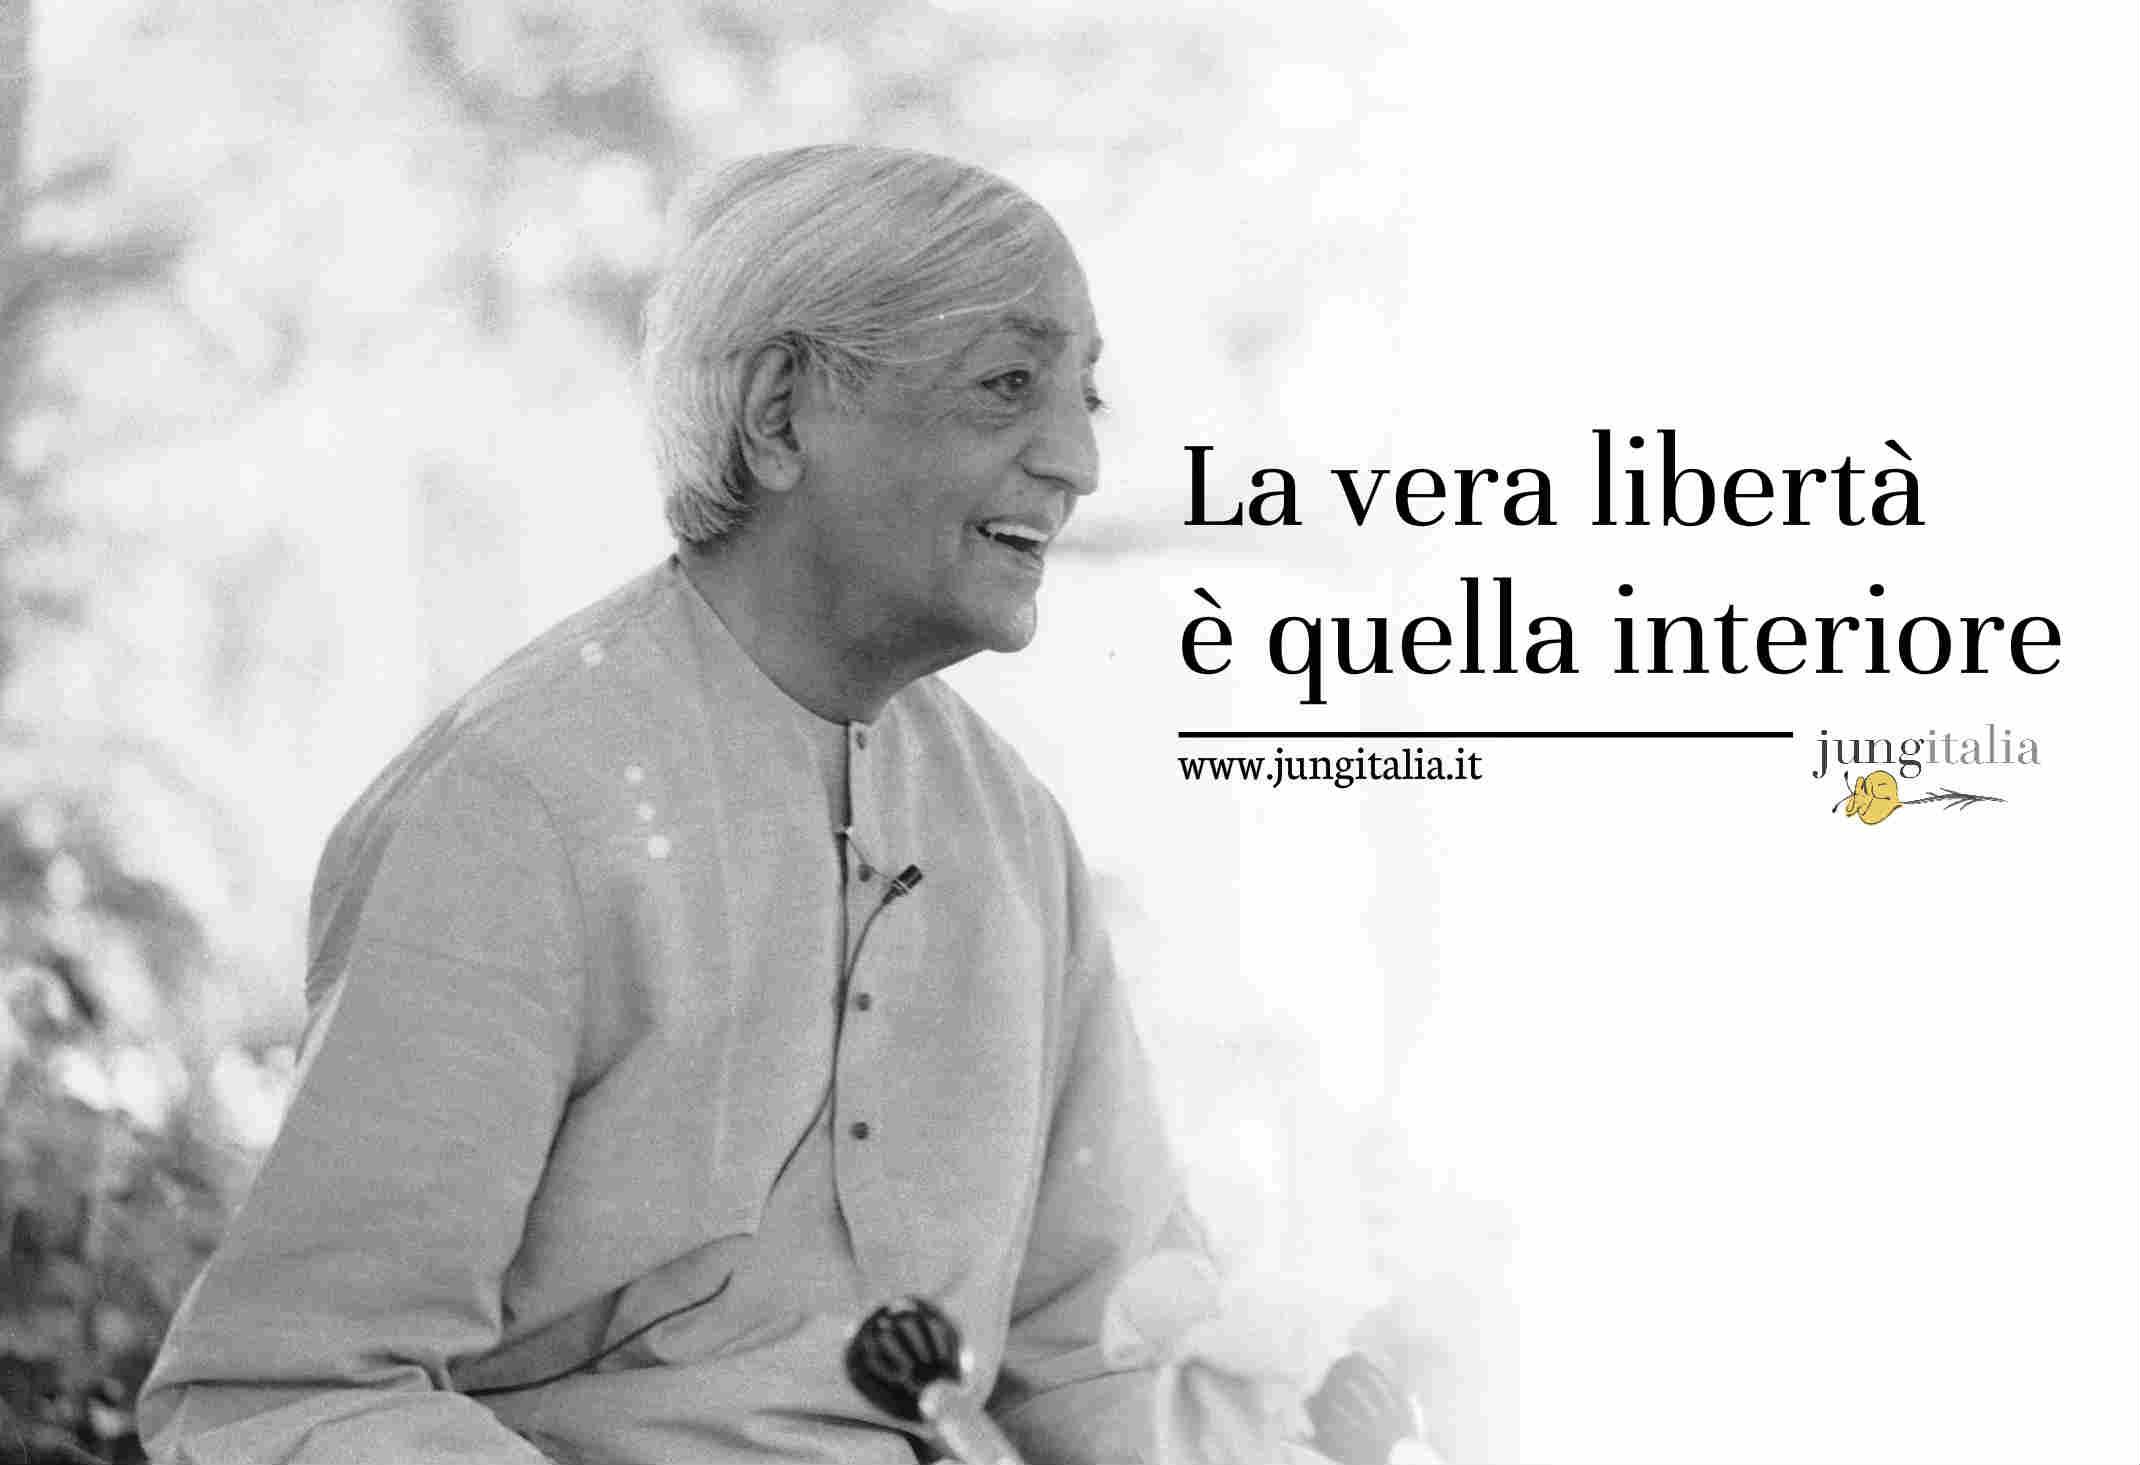 La vera libertà è quella interiore. La nostra libertà non sta fuori di noi, ma in noi (Krishnamurti e Jung)